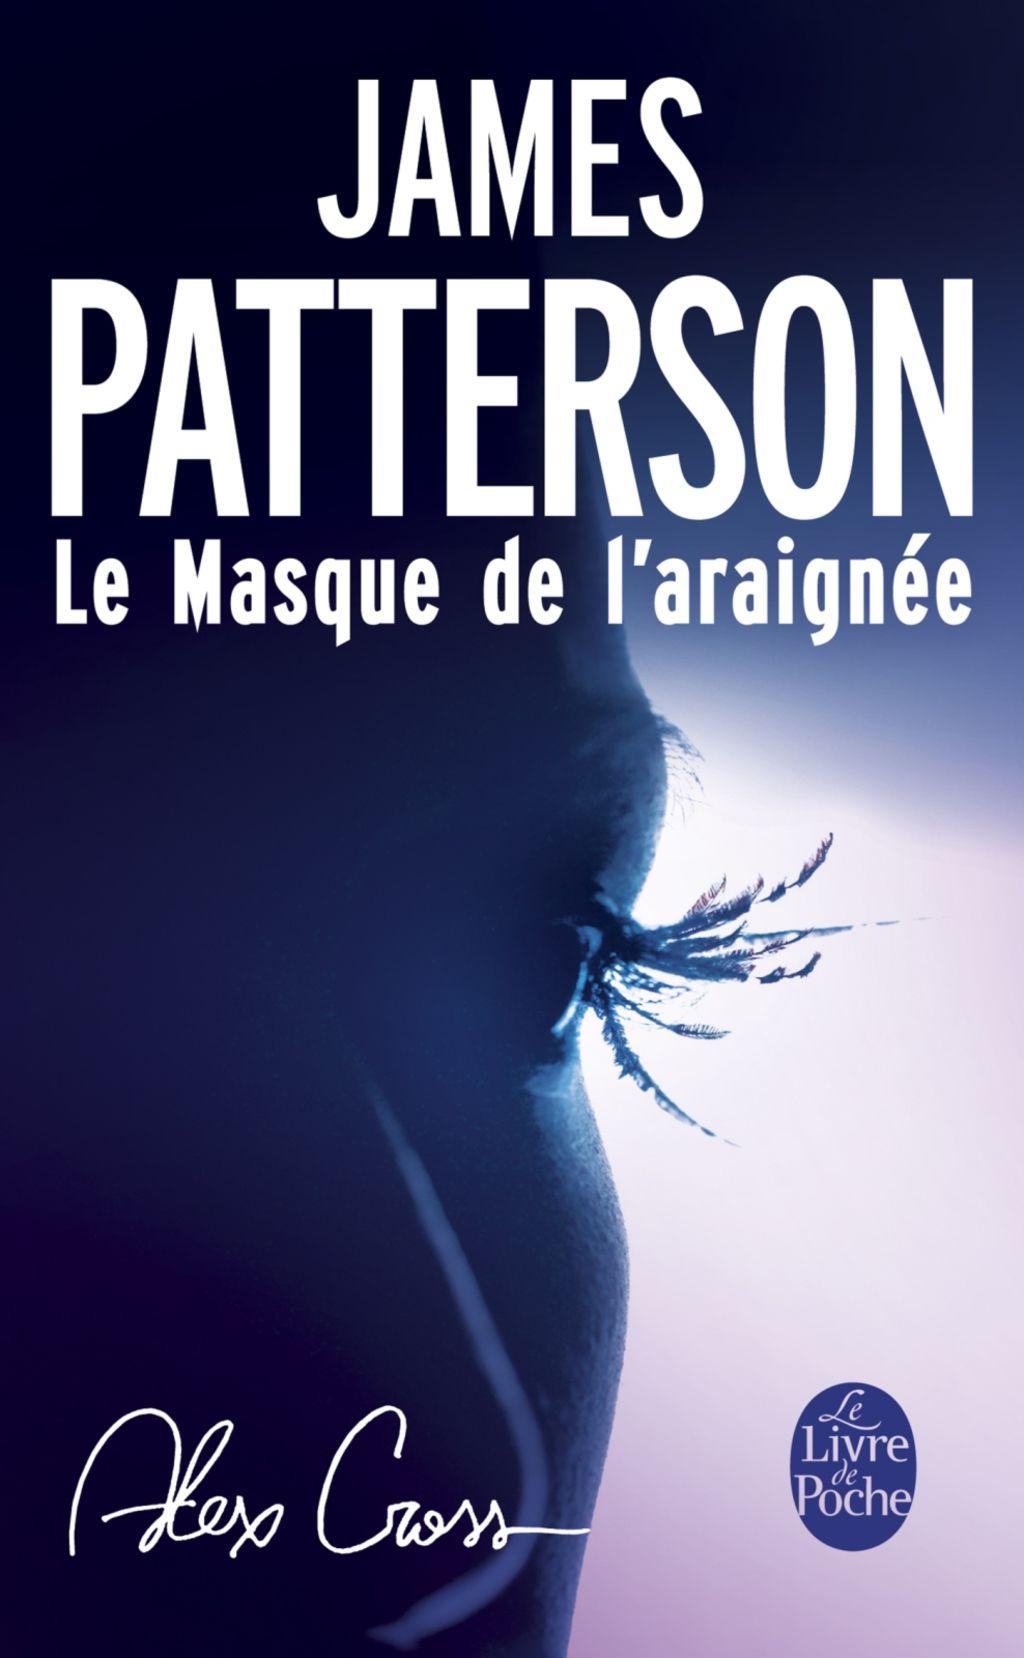 Film Le Masque De L Araignée : masque, araignée, Masque, L'araignée, (eBook), James, Patterson,, Vampire, Books,, Books